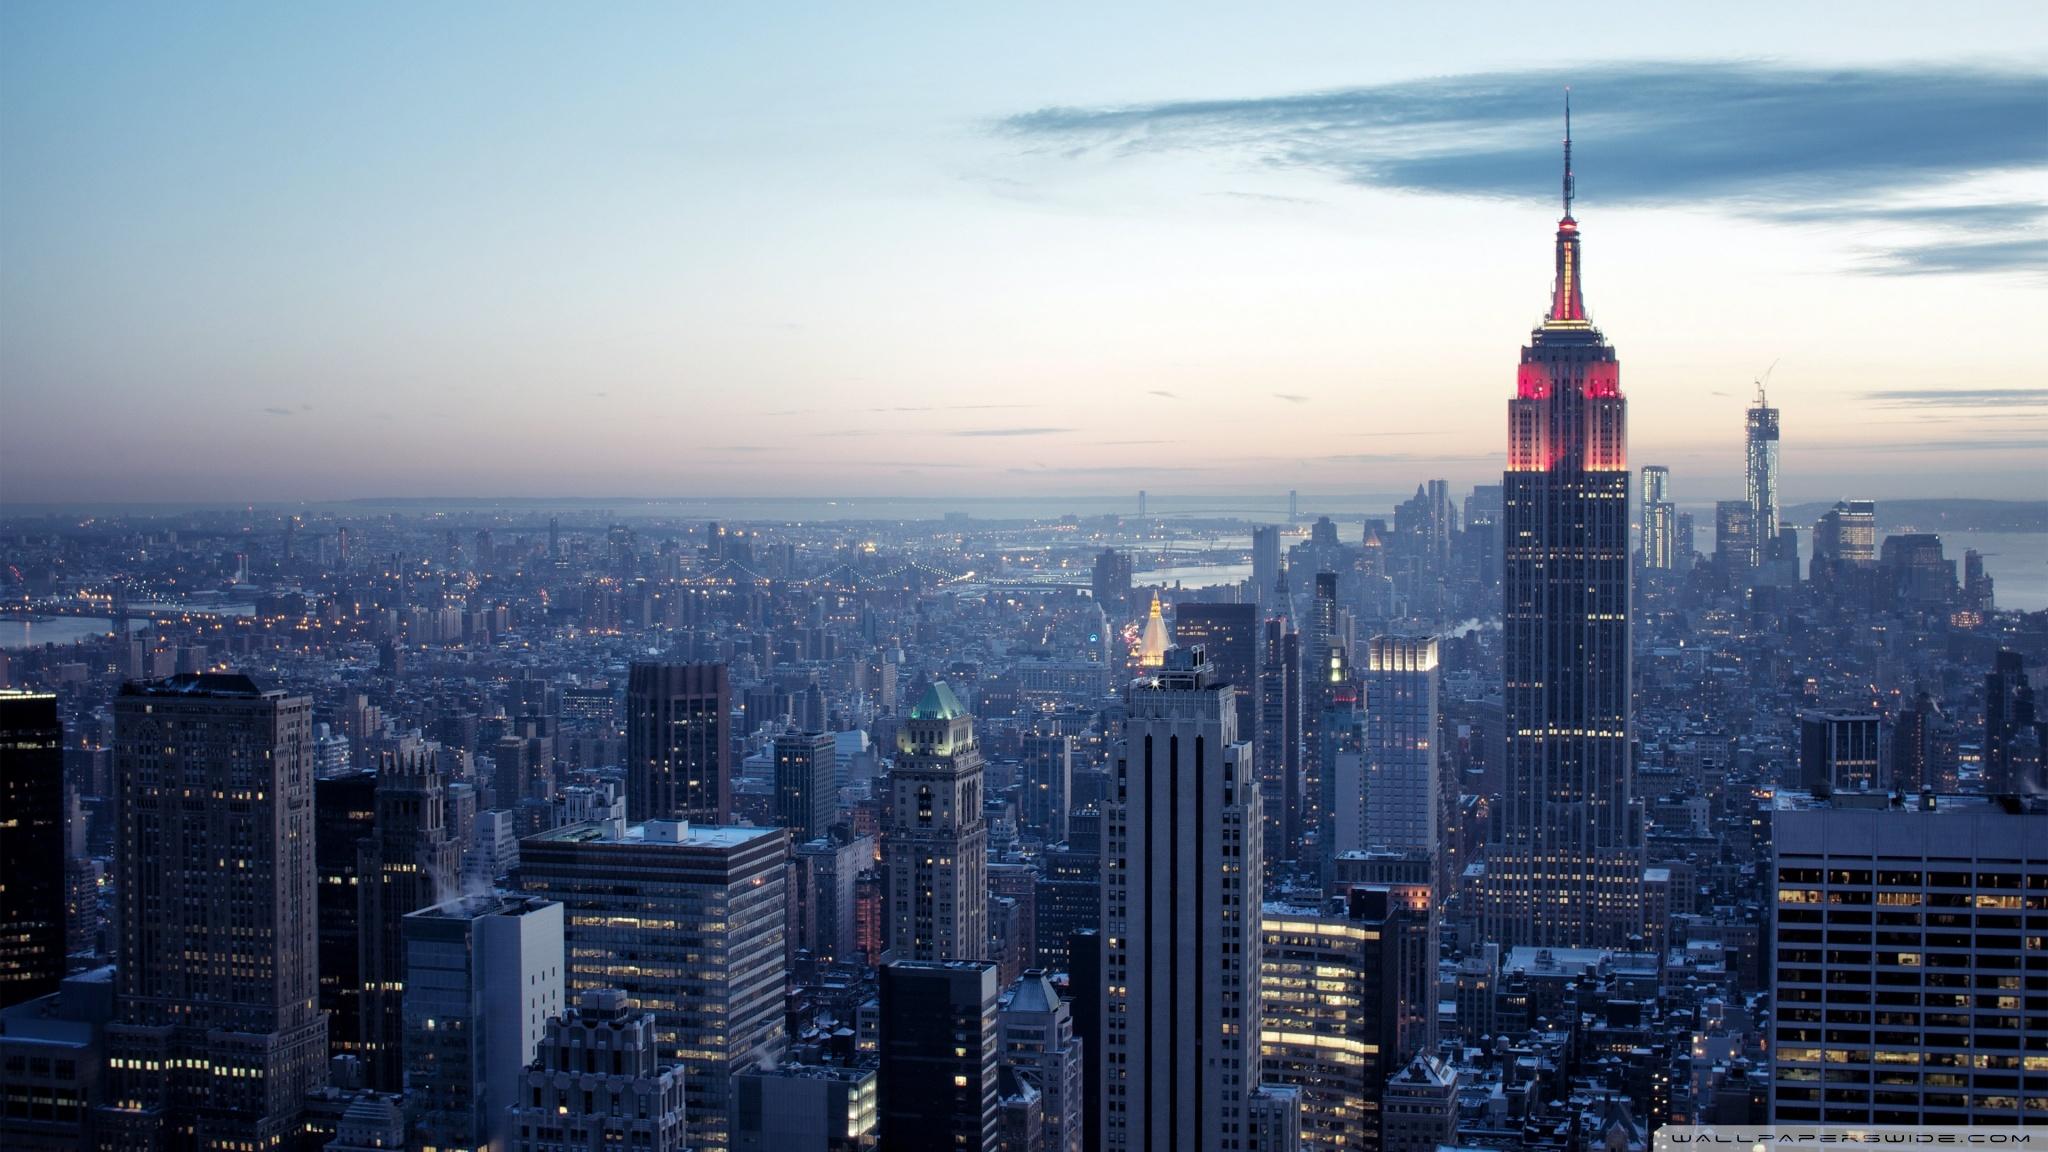 New York City Winter sunset 4K HD Desktop Wallpaper for 4K 2048x1152